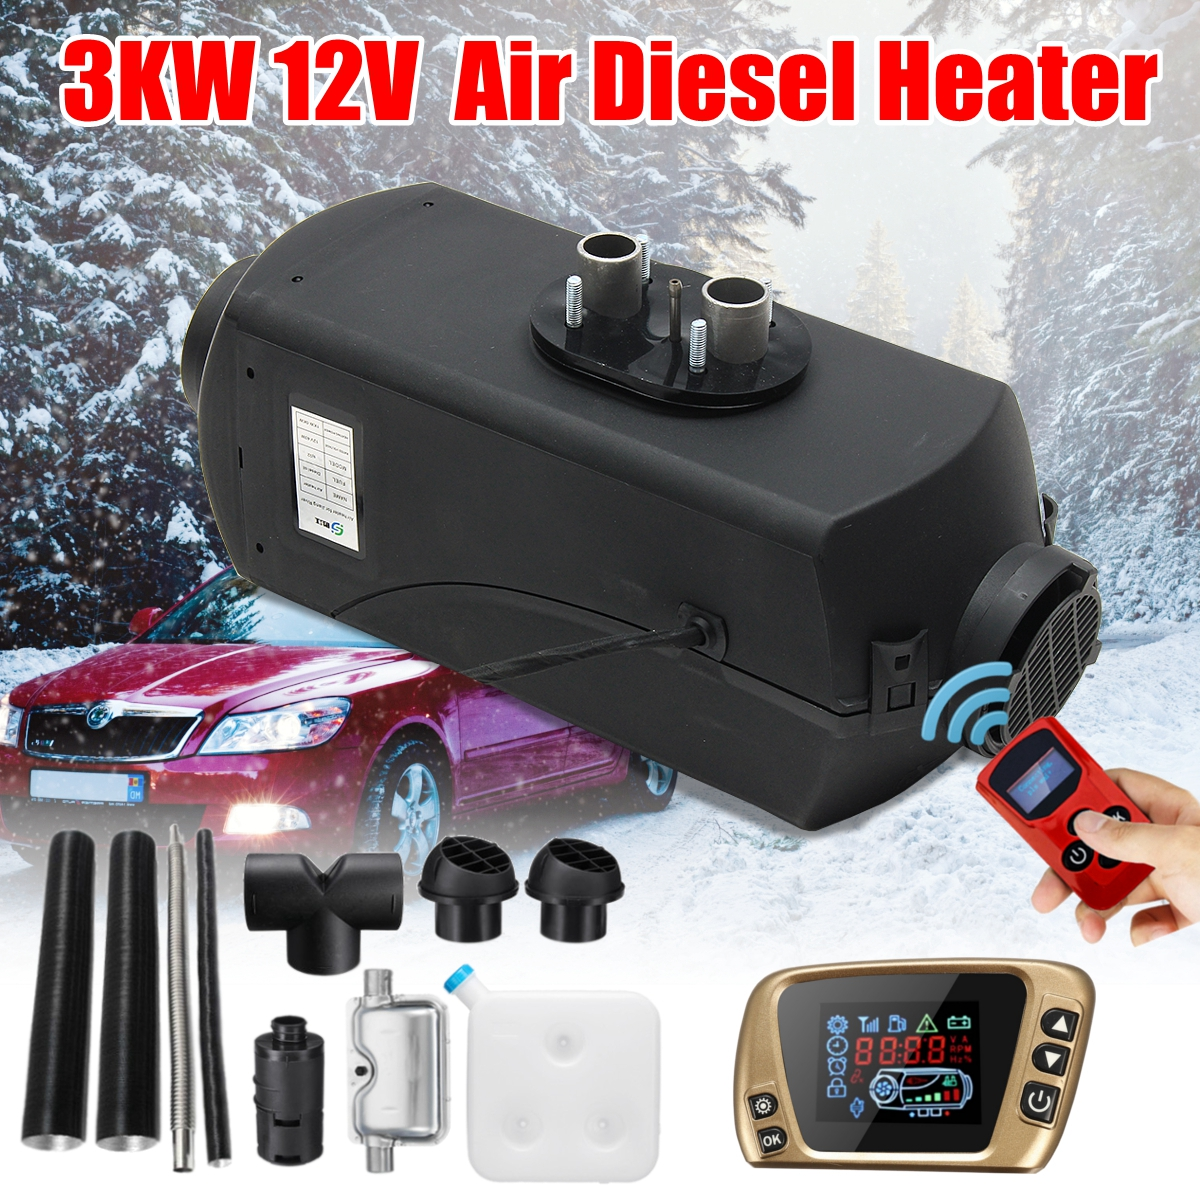 12 v 3KW Diesels Air Parking Aérien Chauffe Chauffage 3000 w LCD Commutateur Pour Bateaux Bus Voiture Remorque Chauffe-+ silencieux + télécommande